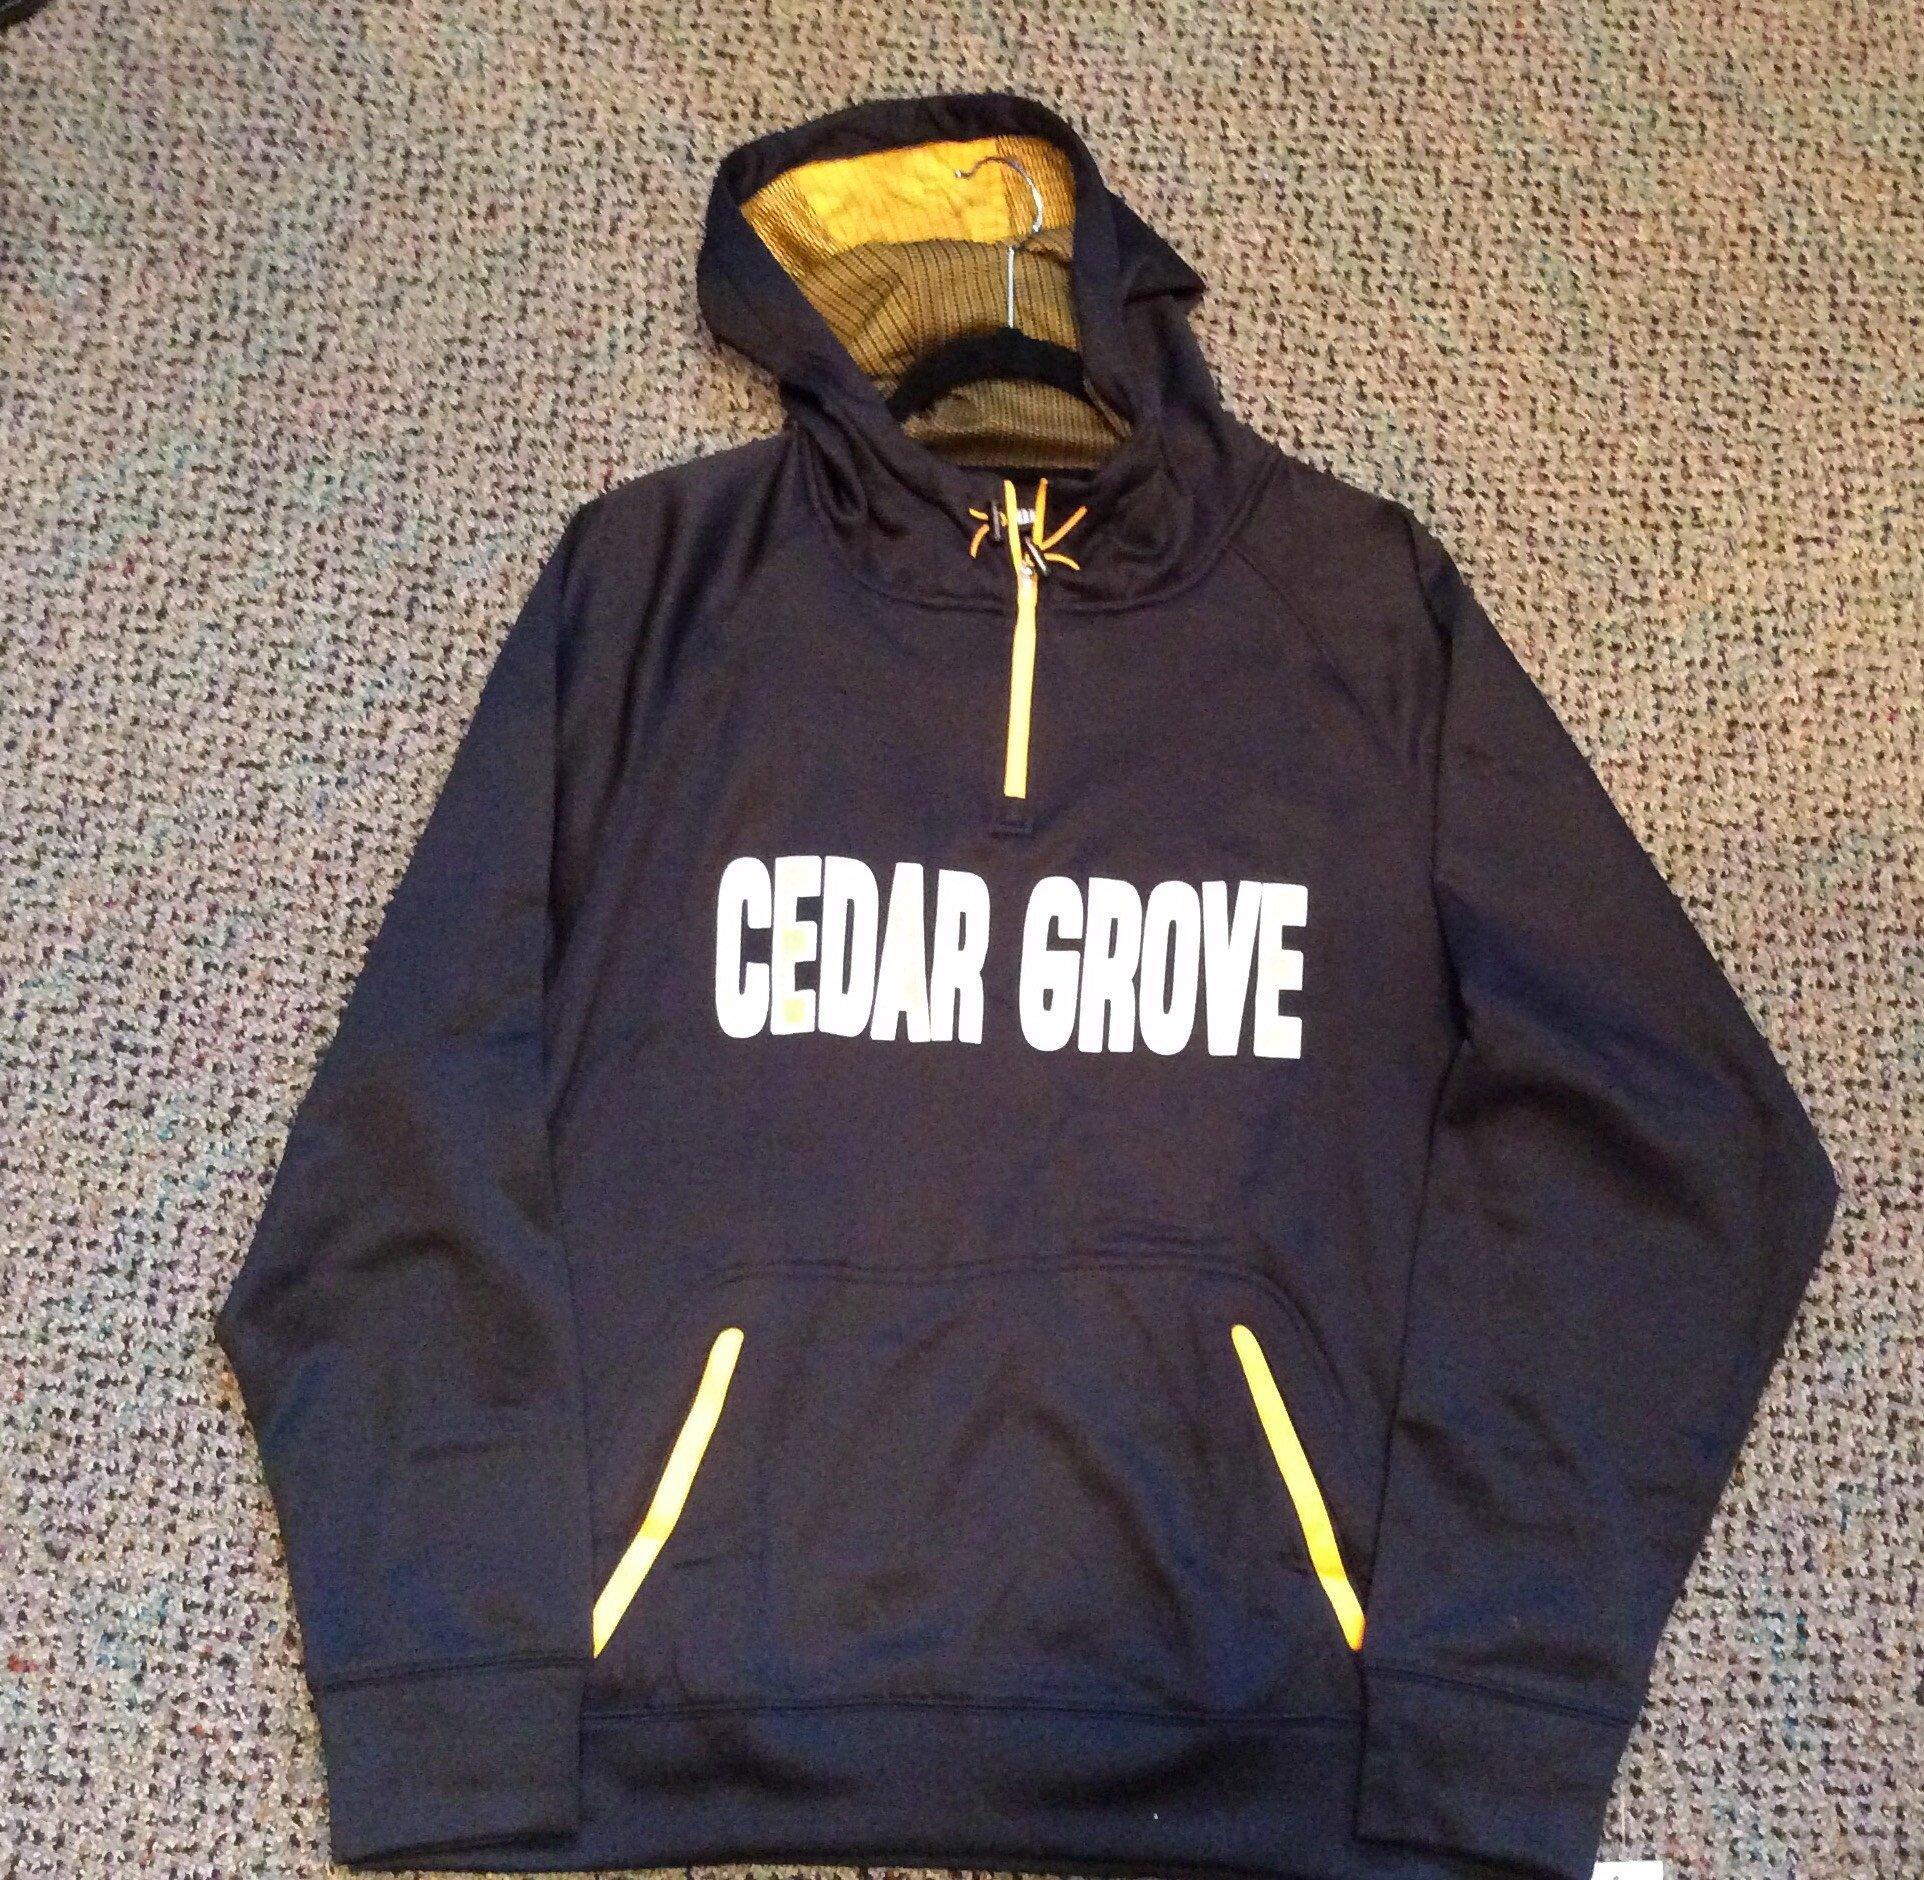 Pennant zip line Cedar Grove hoodie